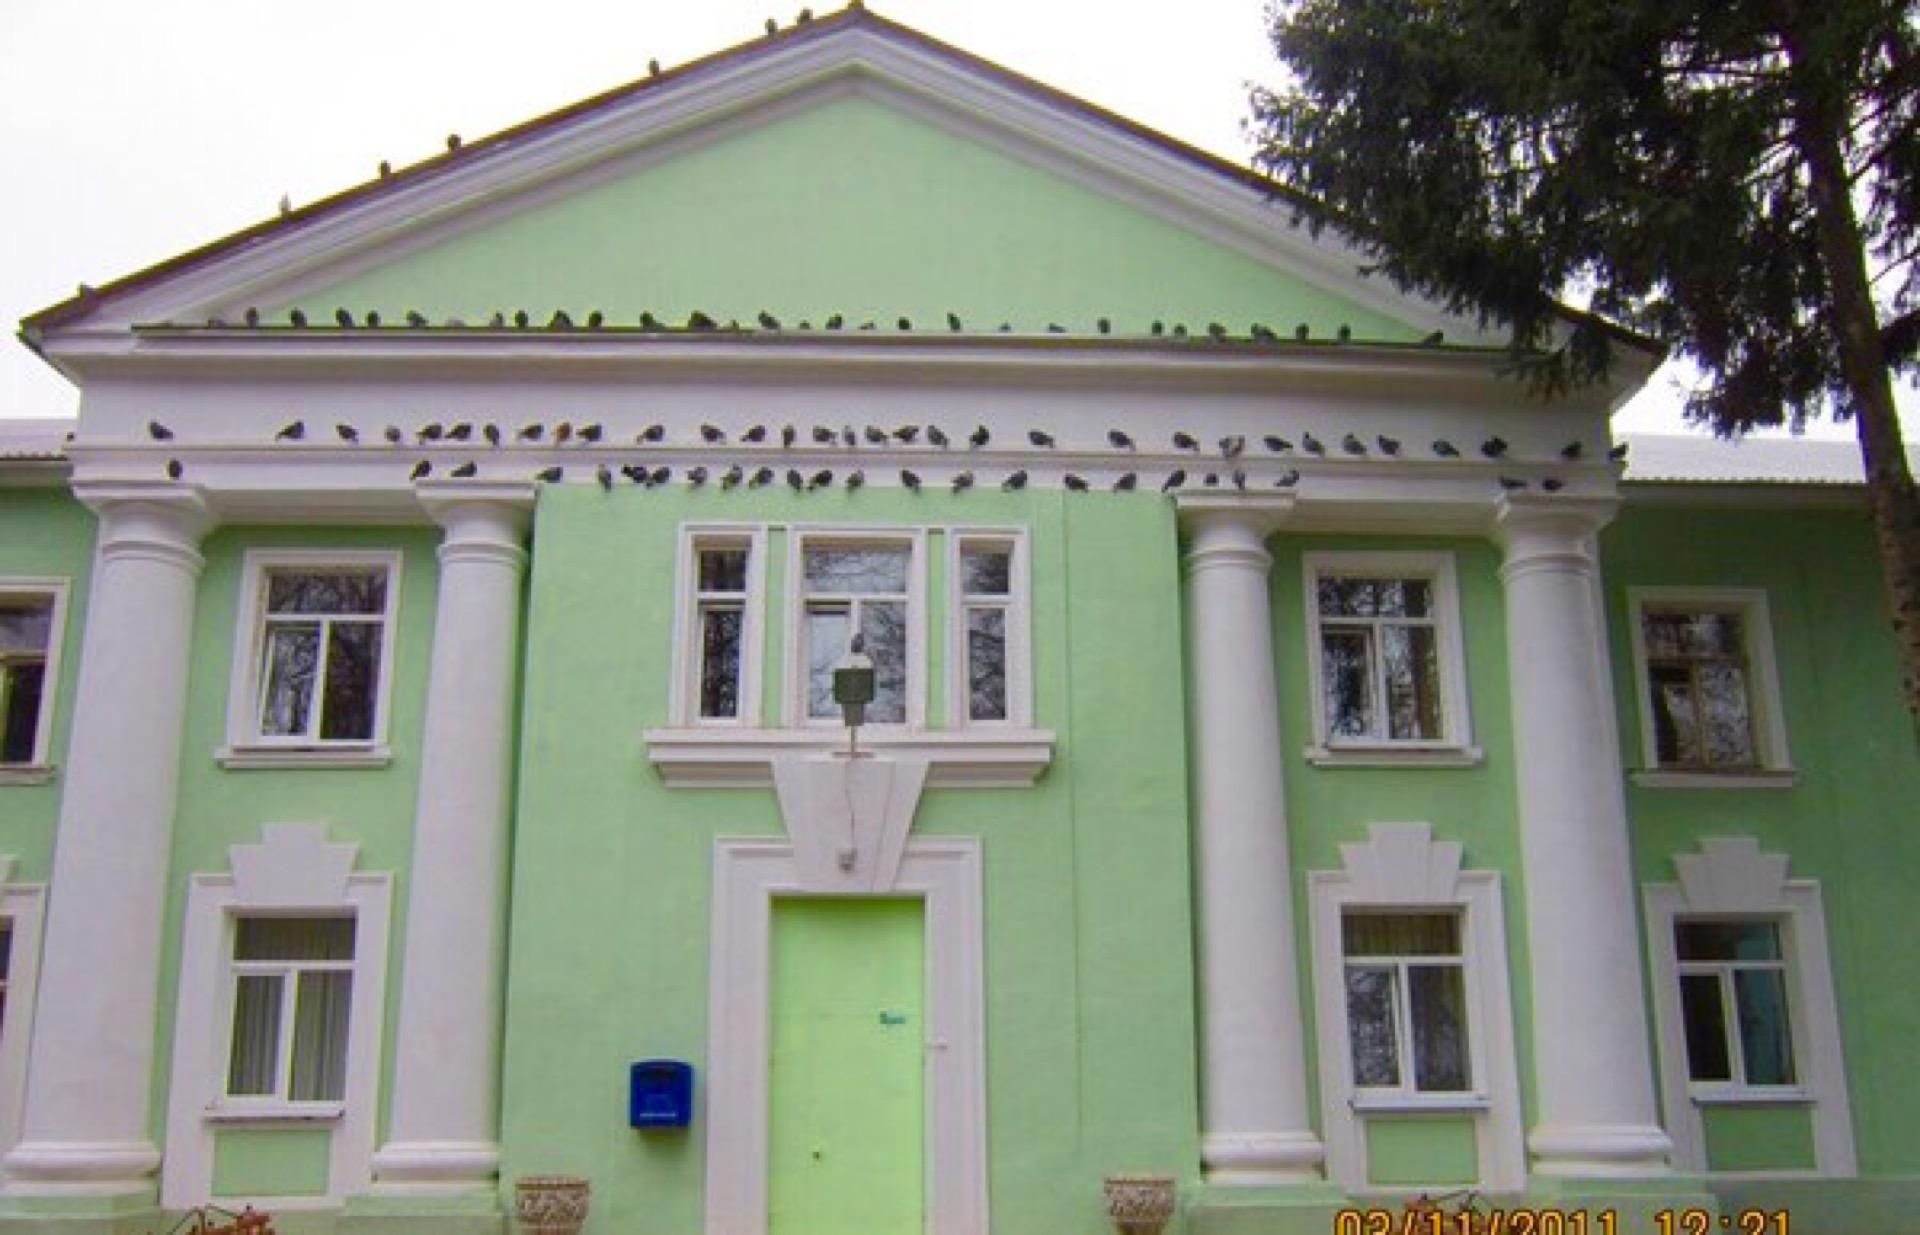 Адрес дом интернат для престарелых как устроить в дома престарелых в омске